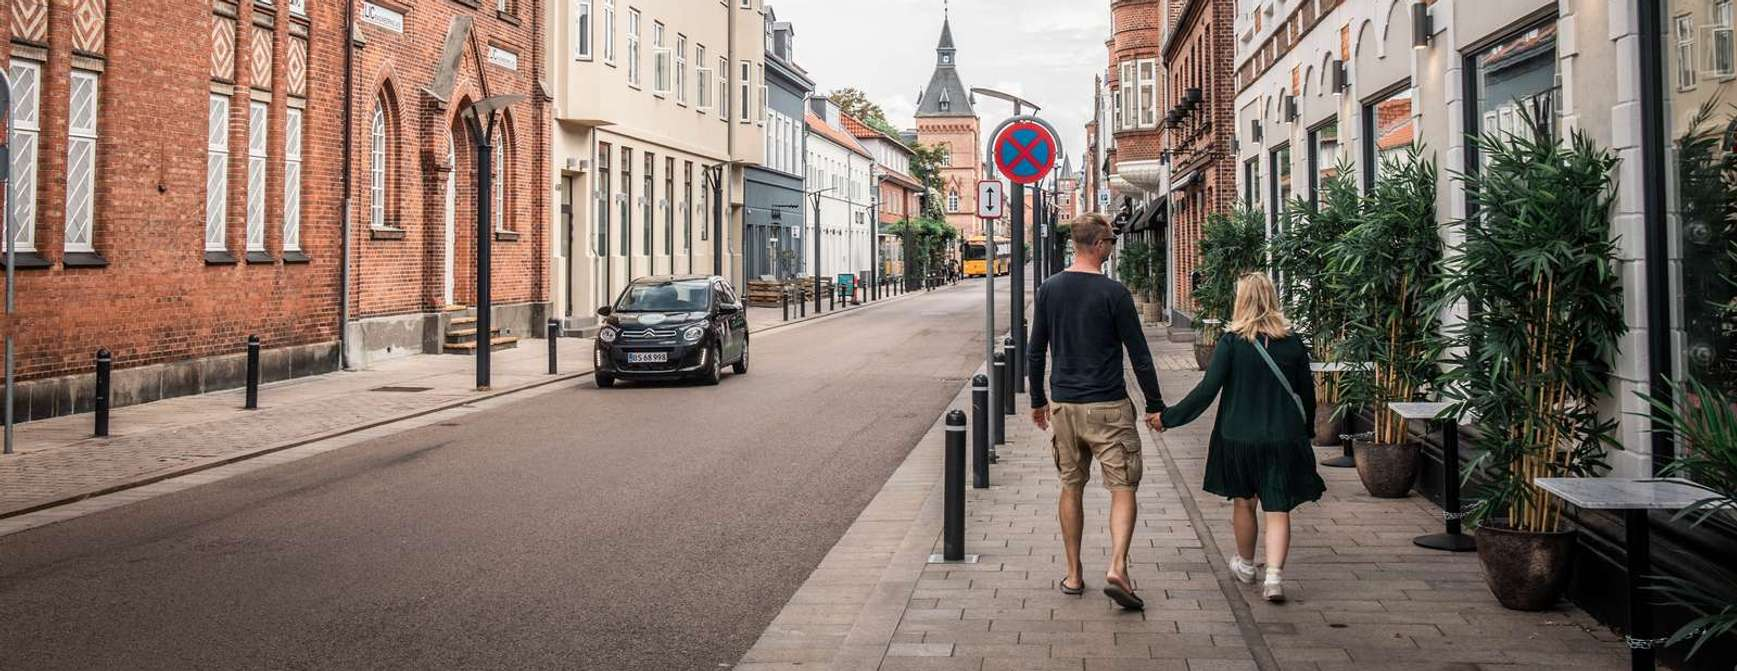 Esbjerg. Foto: Gitte Lindebo/Visit Denmark